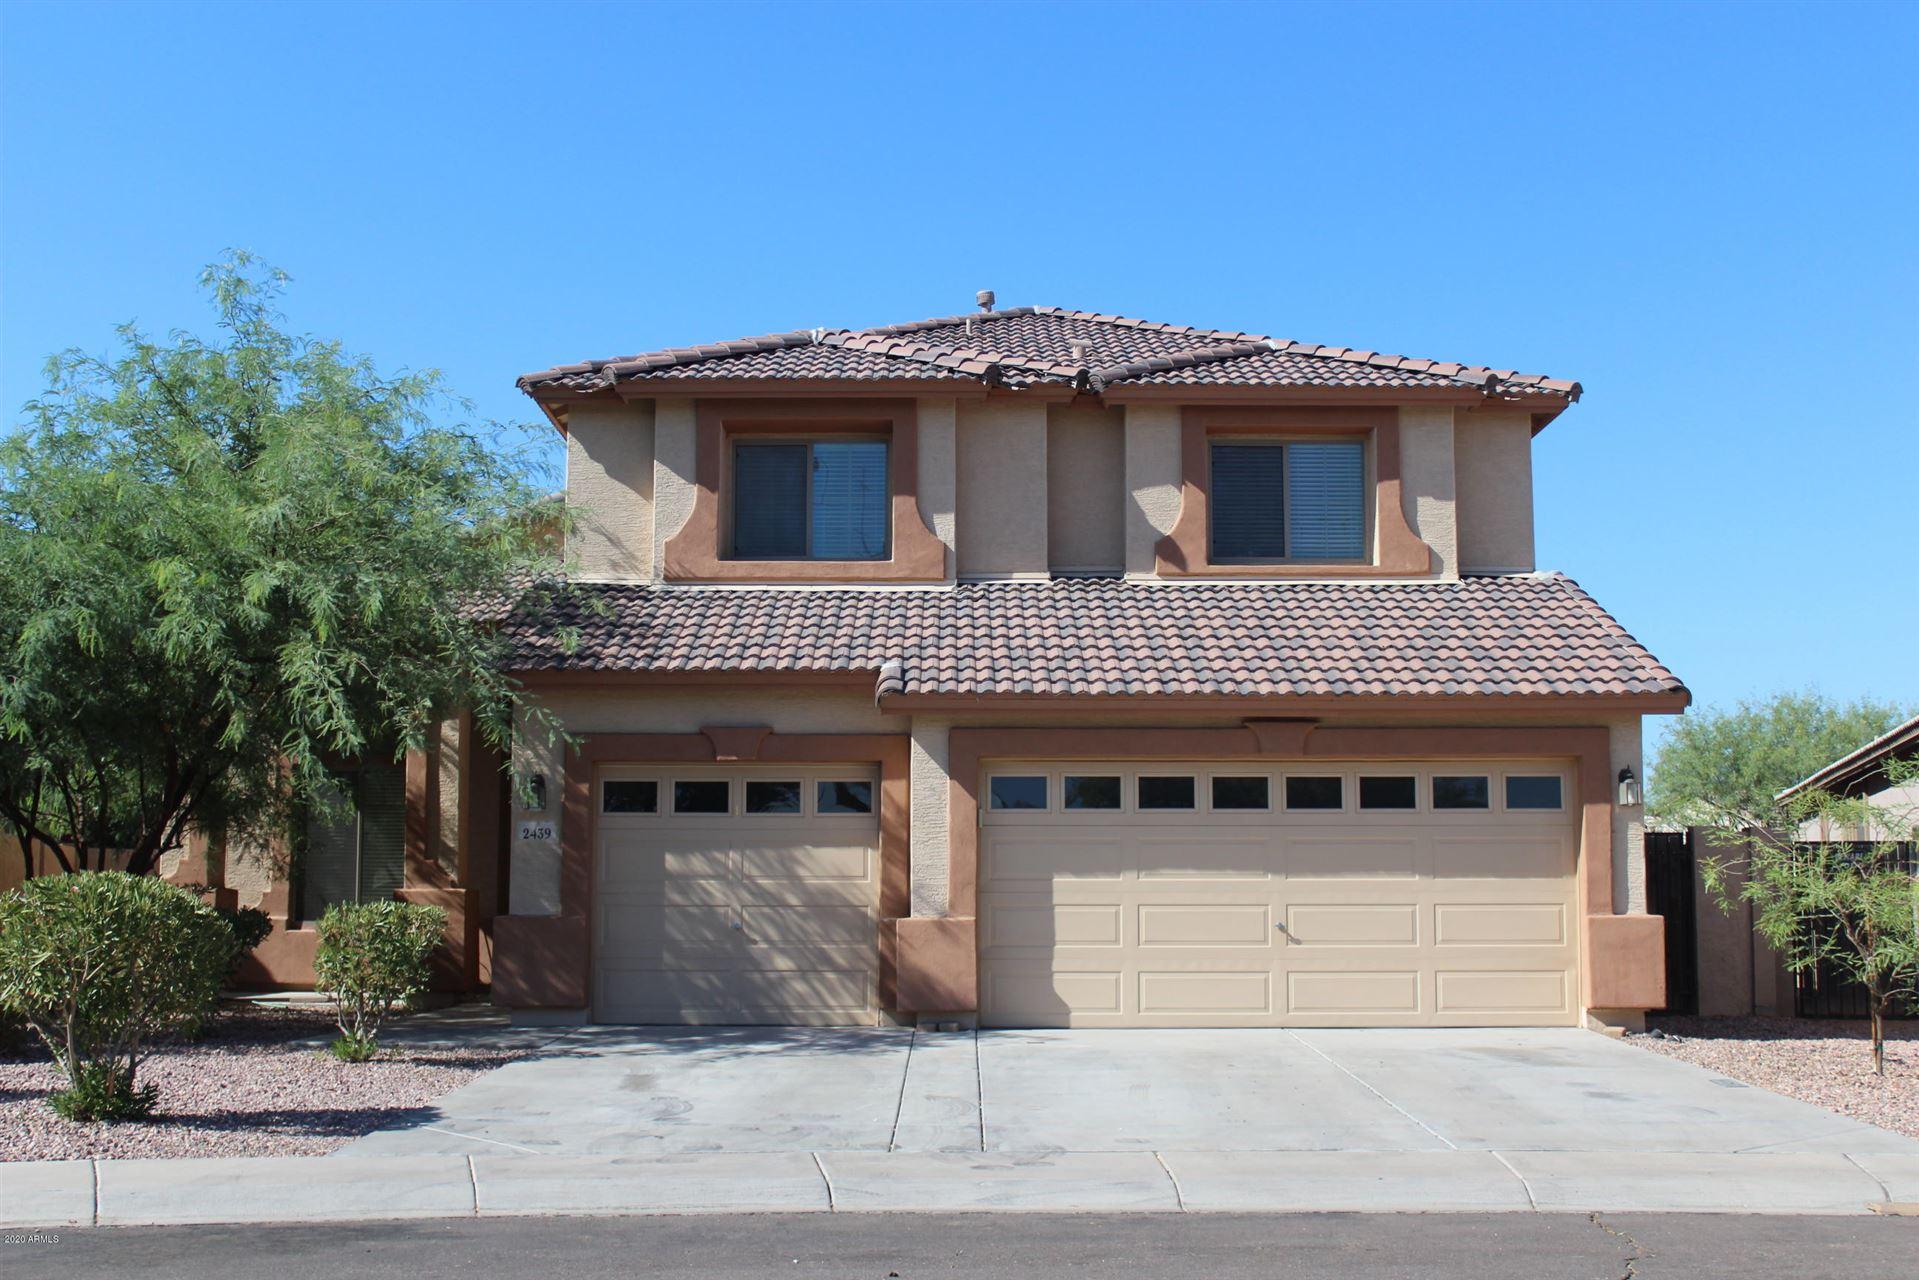 2439 W FAWN Drive, Phoenix, AZ 85041 - MLS#: 6114067